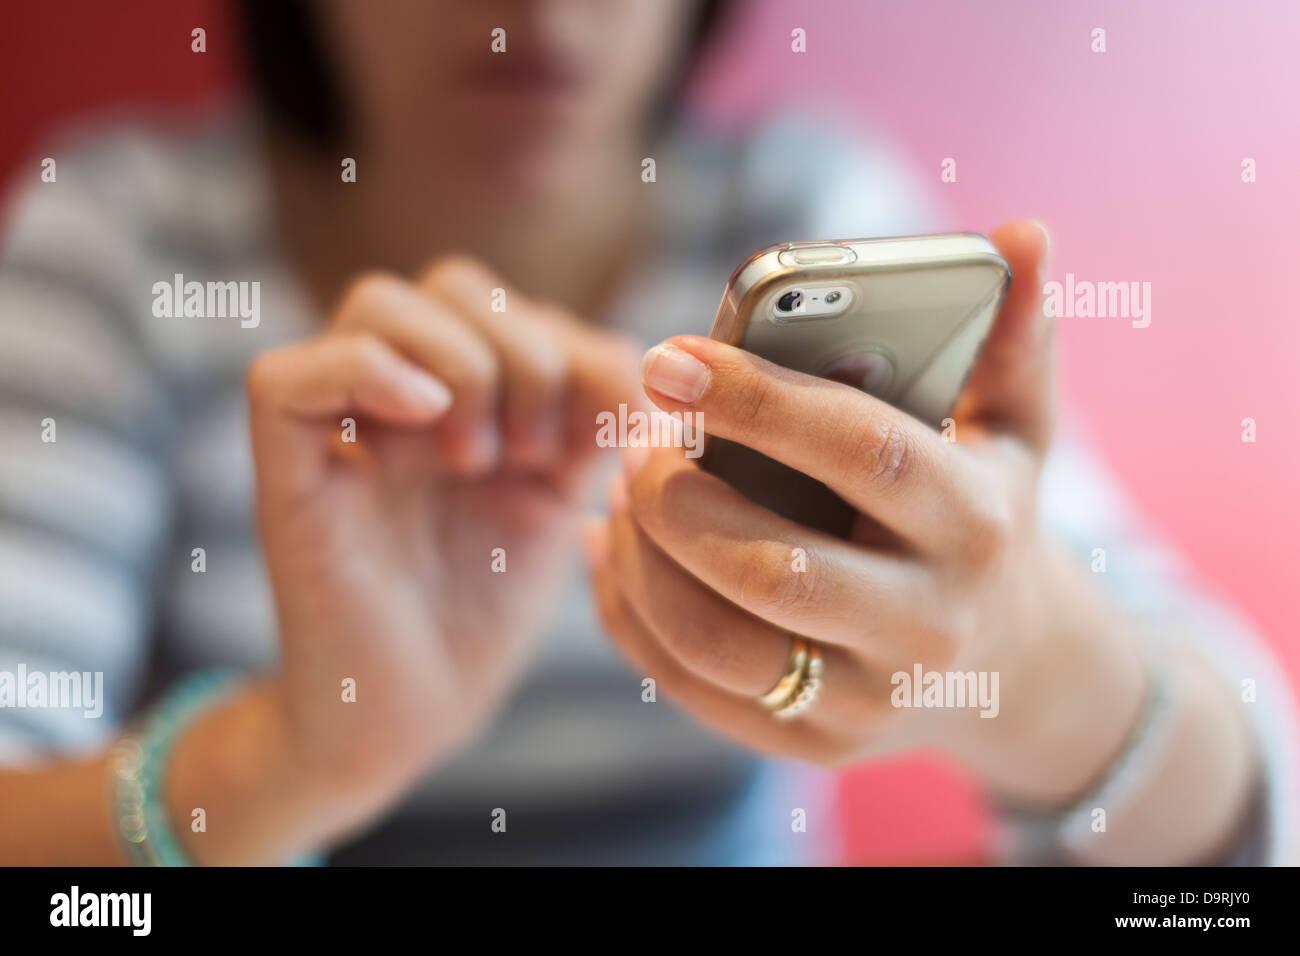 Mujer con un teléfono móvil de pantalla táctil-enfoque selectivo Imagen De Stock